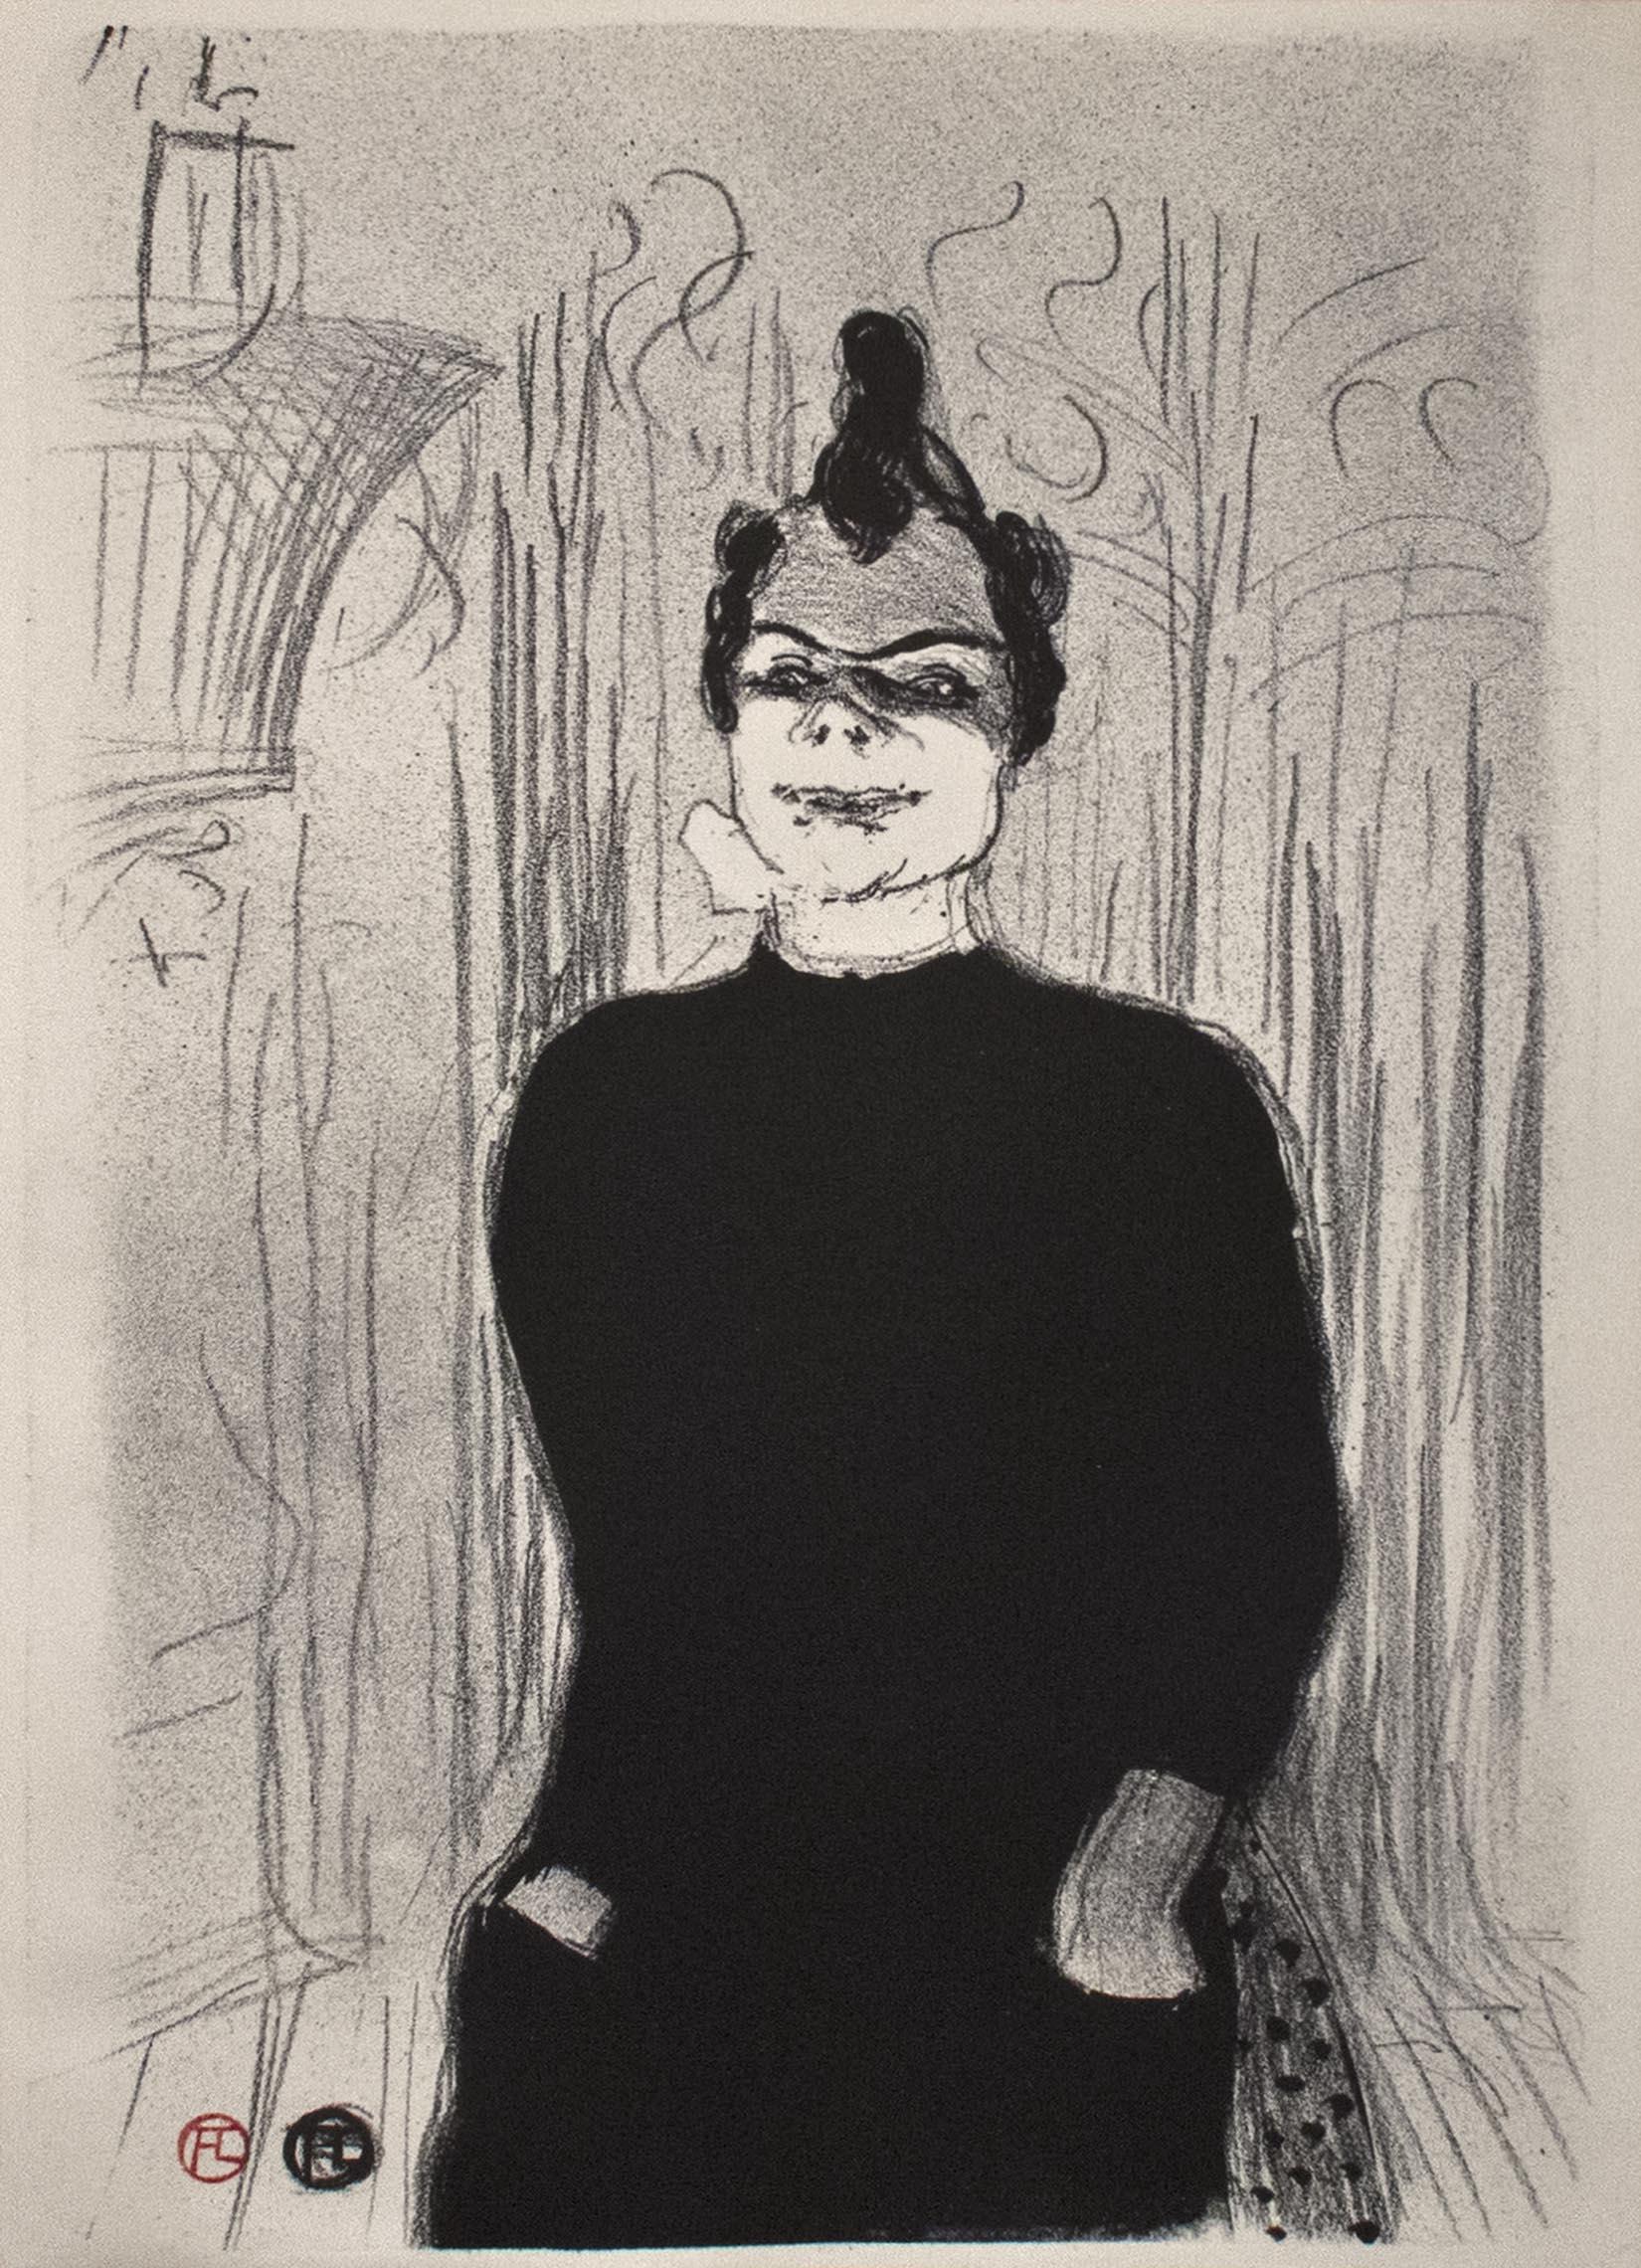 A La Gaieté Rochechouart: Nicolle by Henri de Toulouse-Lautrec